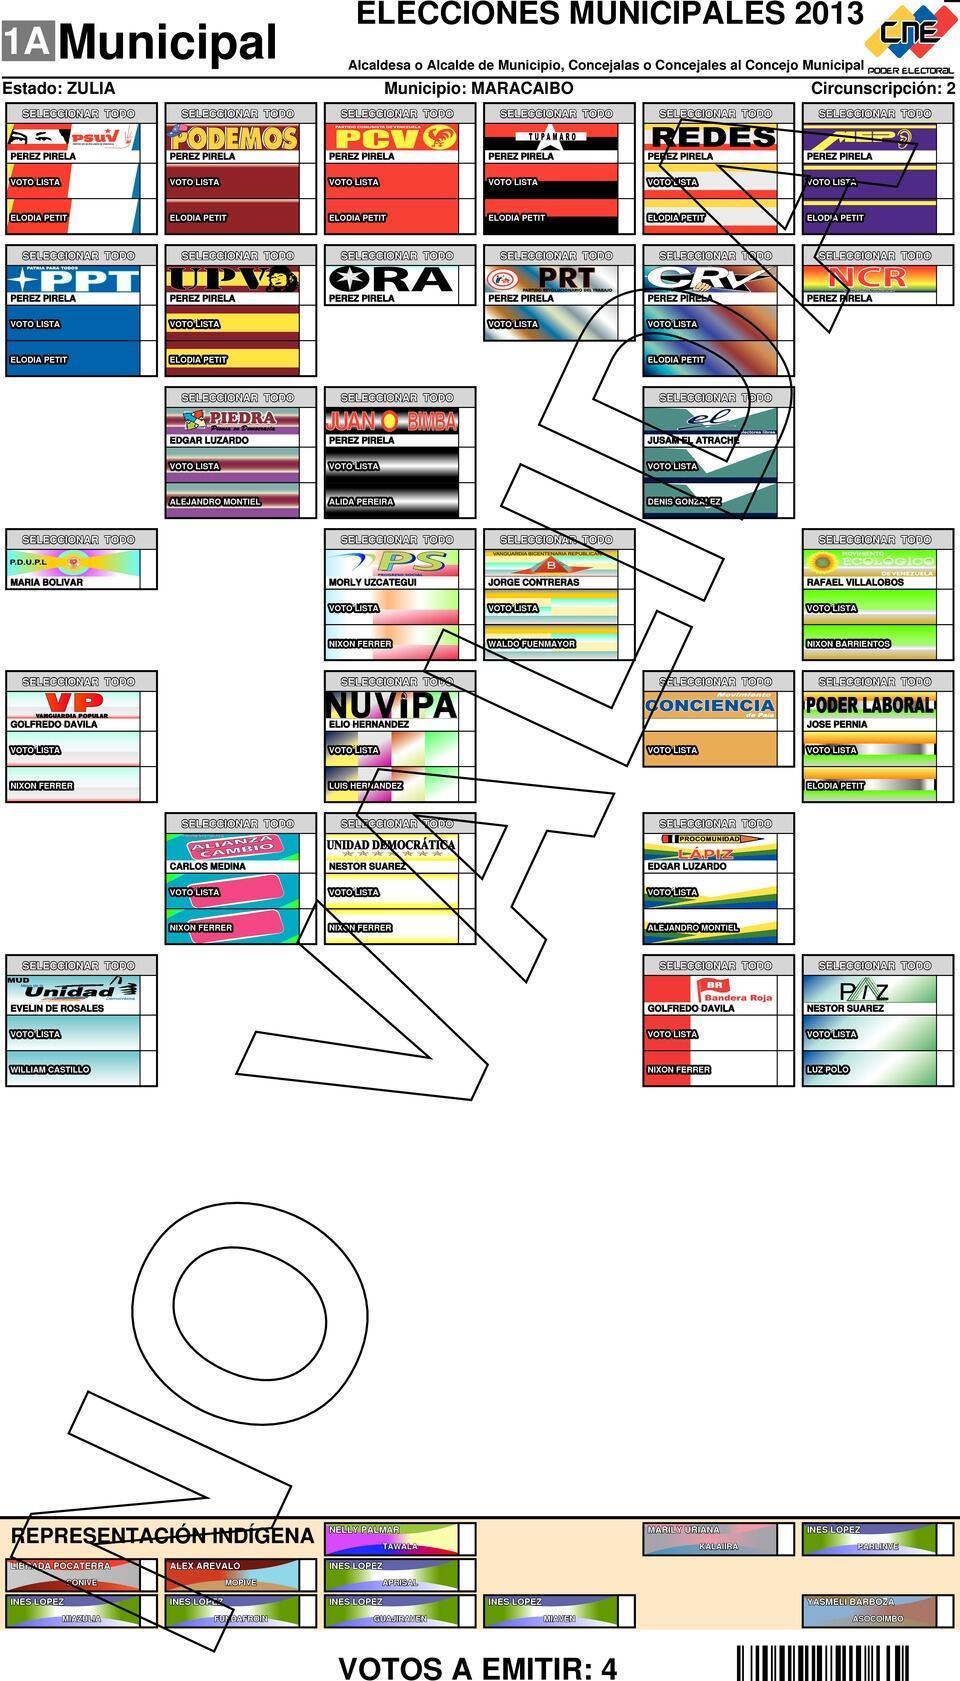 RT @noticiaaldia: Esta es la boleta electoral para la parroquia Manuel Dagnino  #8D #Zulia @noticiaaldia http://t.co/6FCP4VNmnz